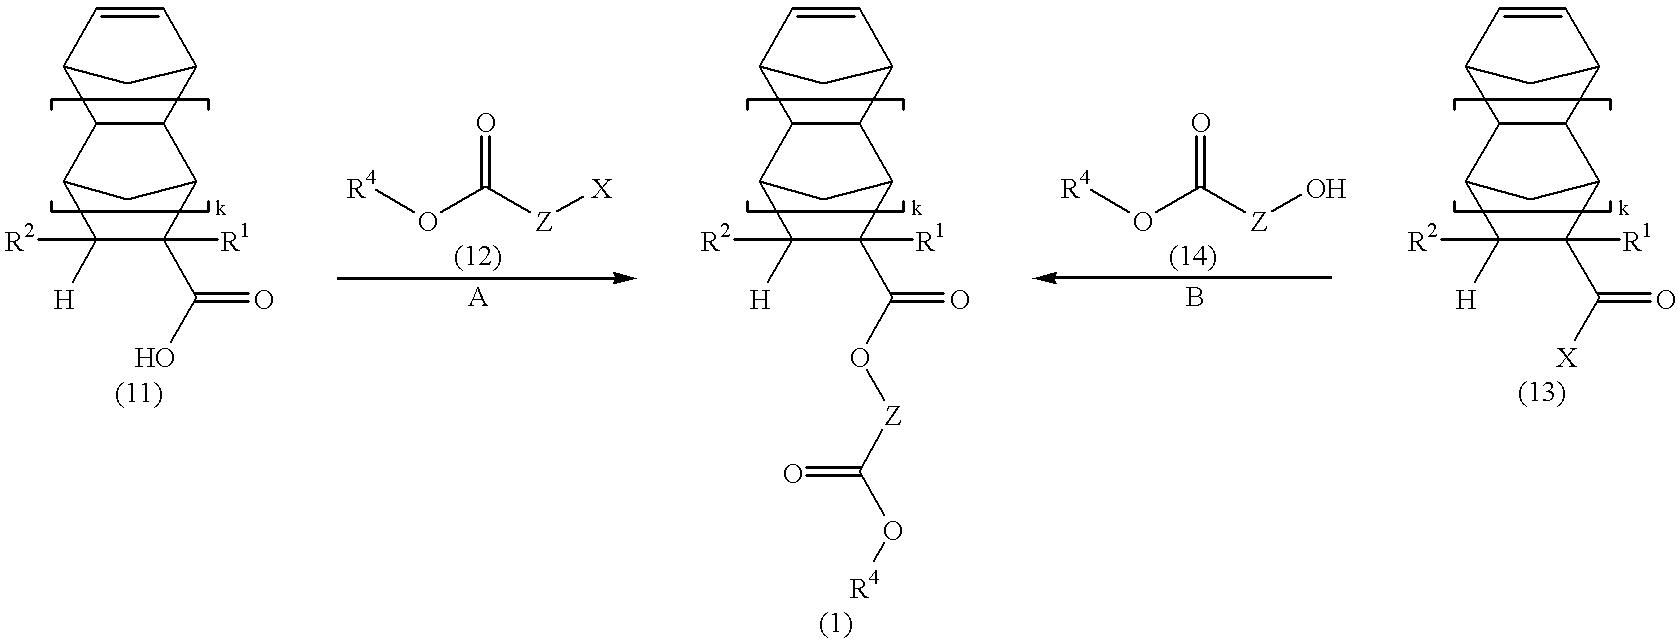 Figure US06531627-20030311-C00012